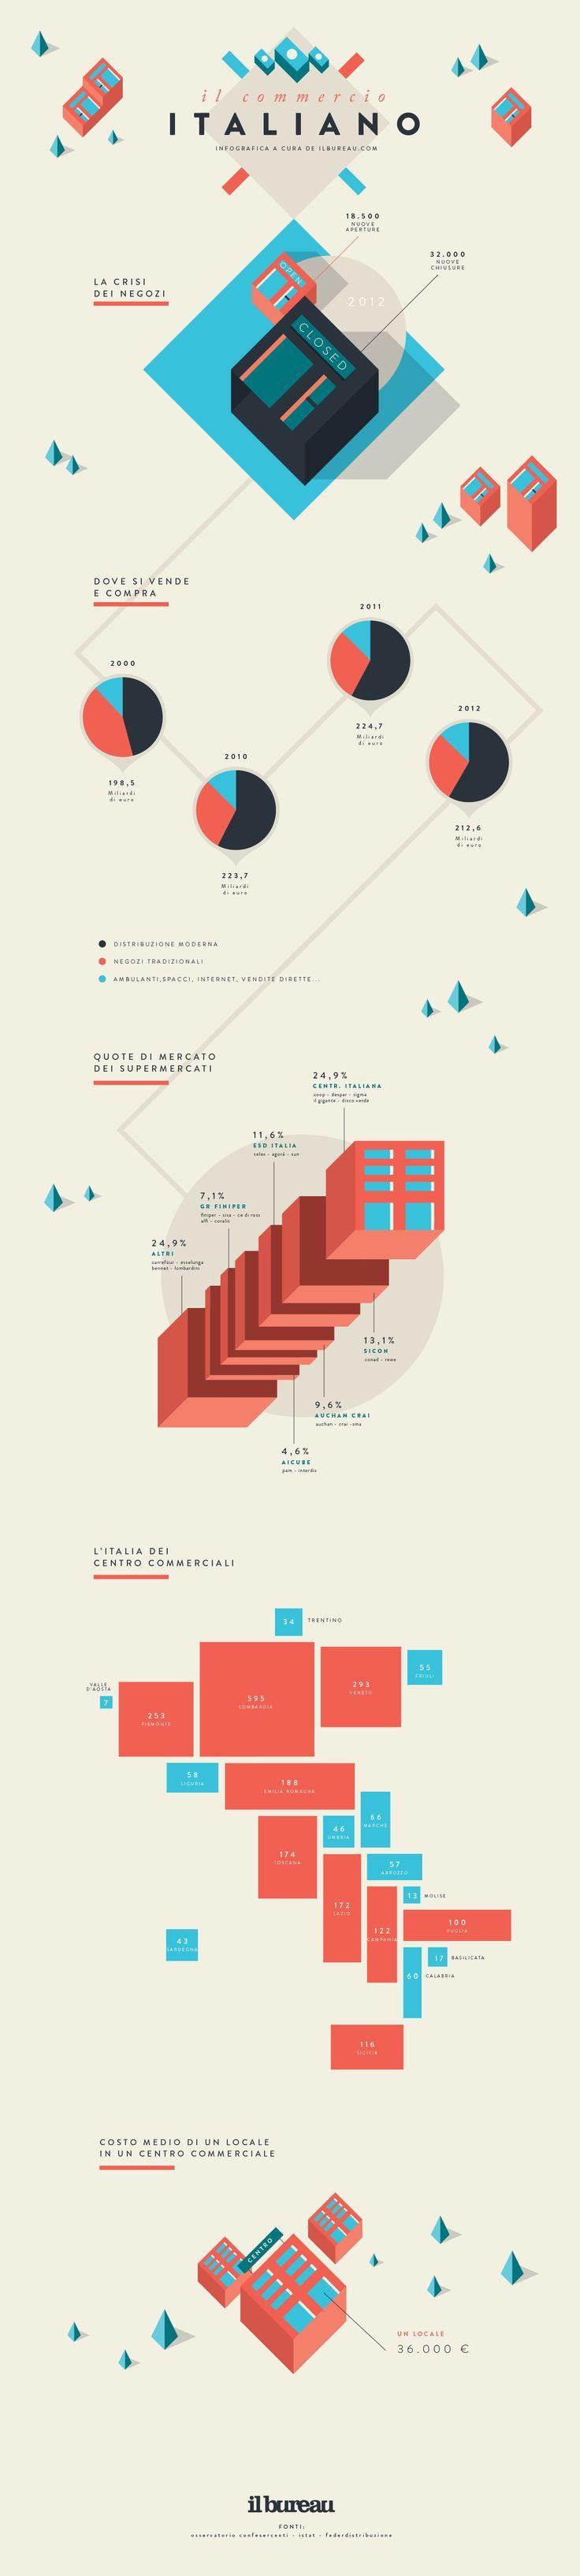 il bureau - infografica - il commercio in italia